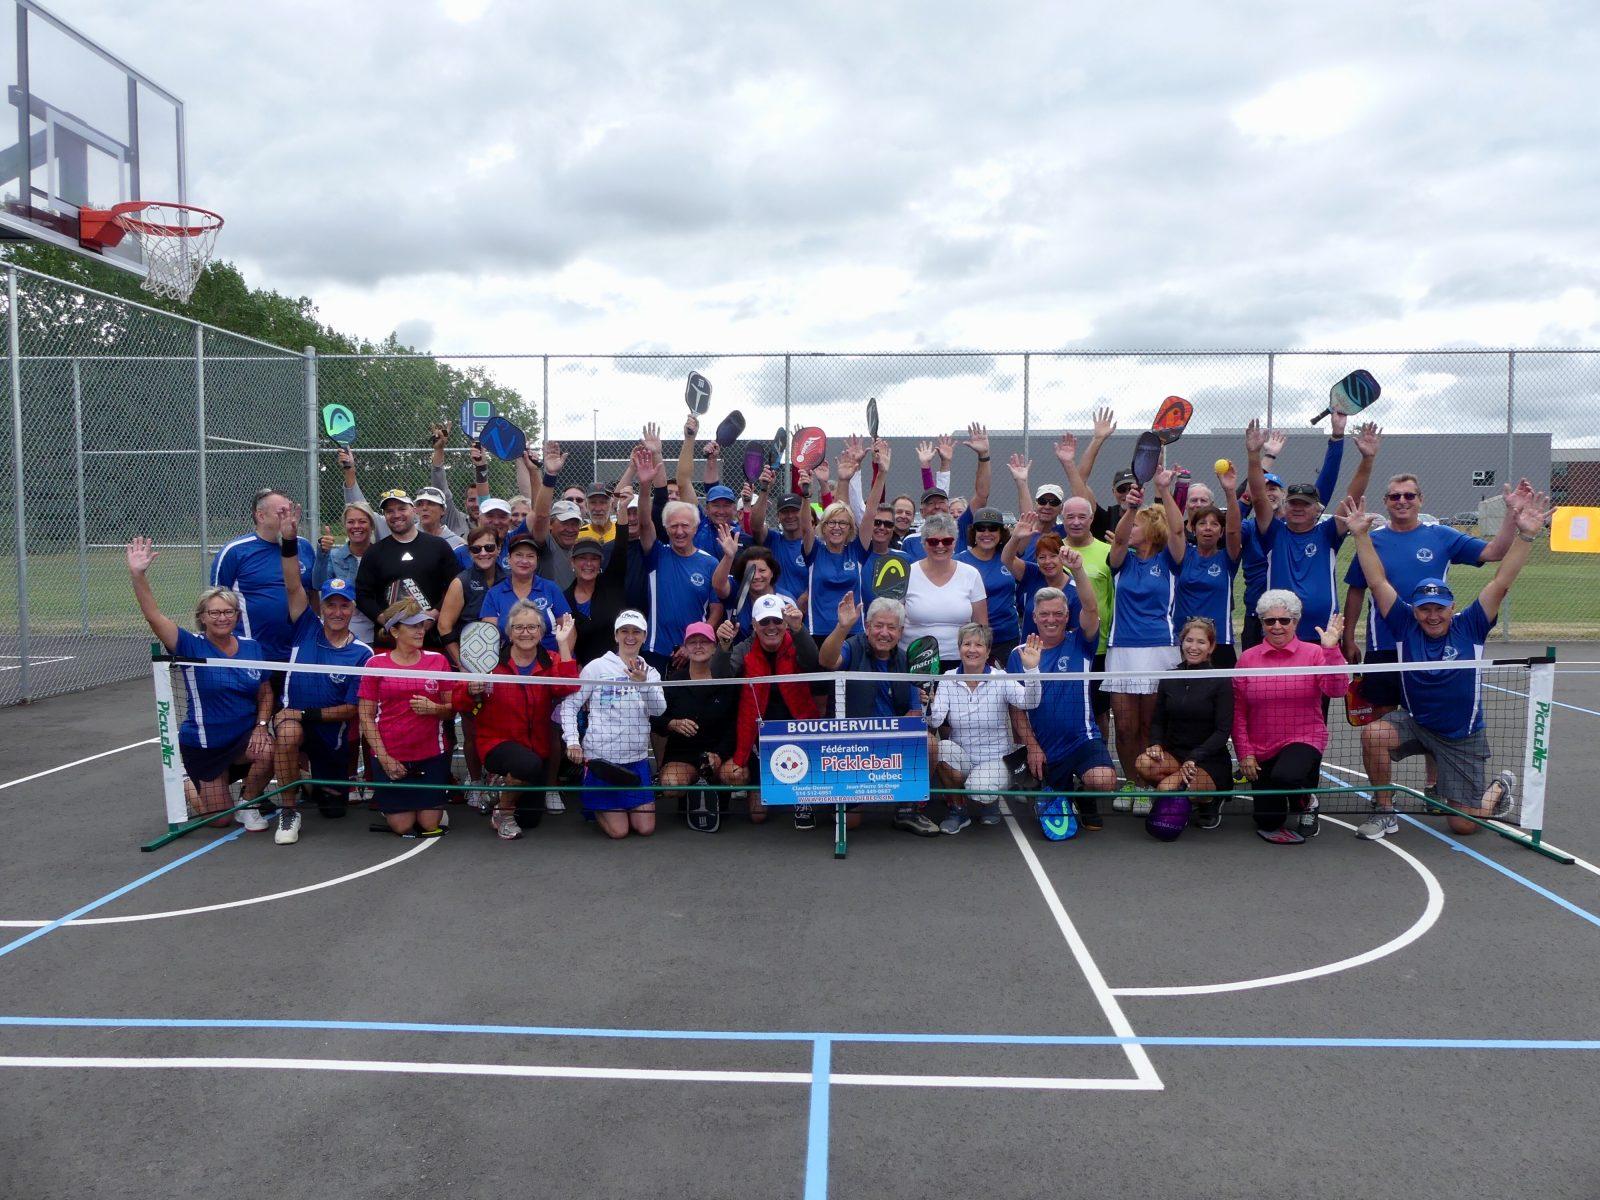 Une cinquantaine de joueurs de Boucherville célèbrent la Journée nationale de pickleball